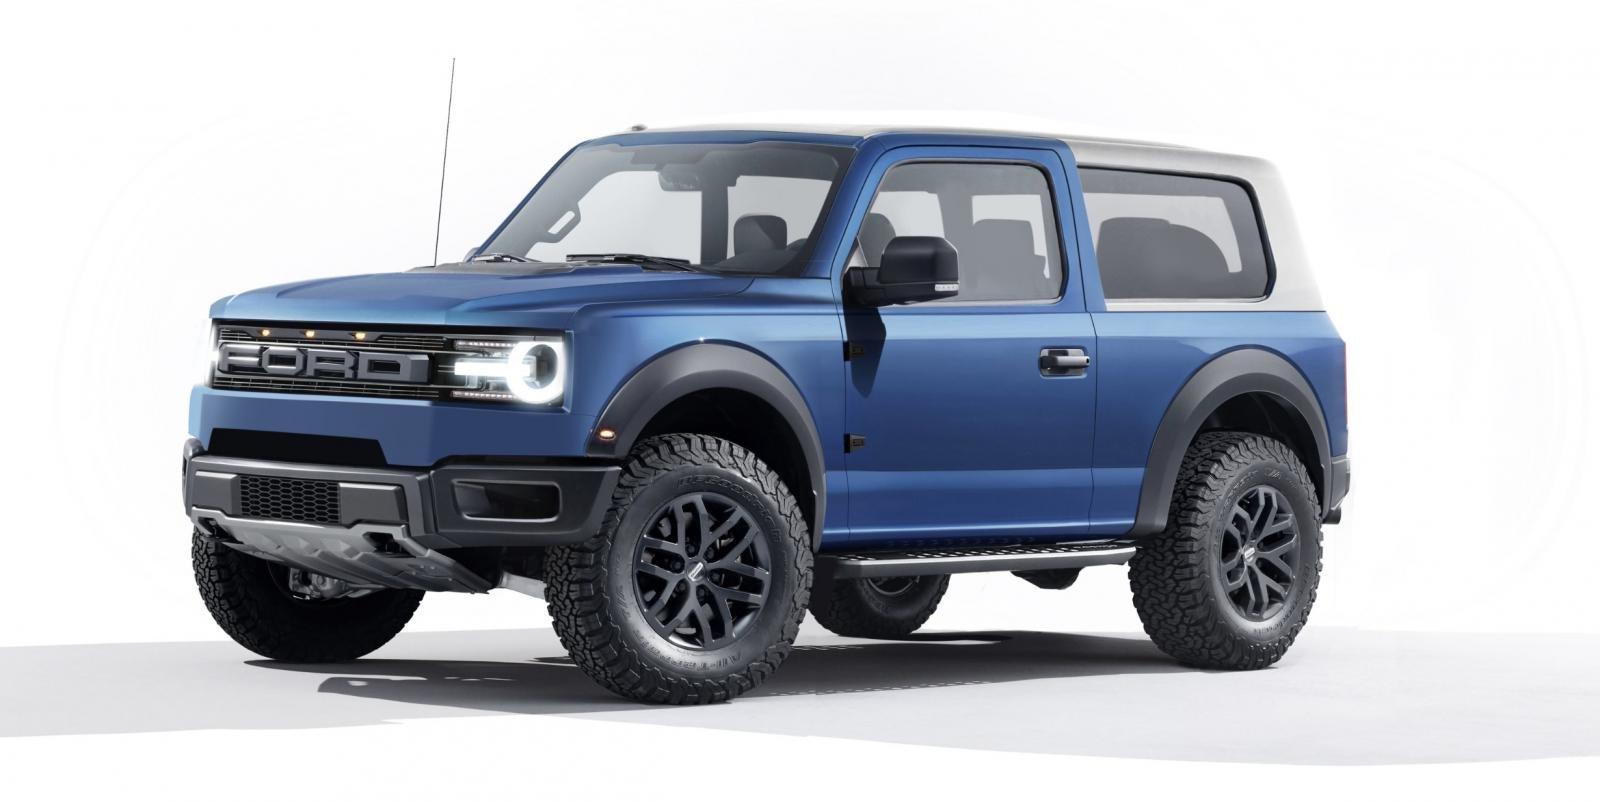 5 điều cần biết về SUV Ford Bronco 2020 - Sẽ là dạng Body-on-Frame